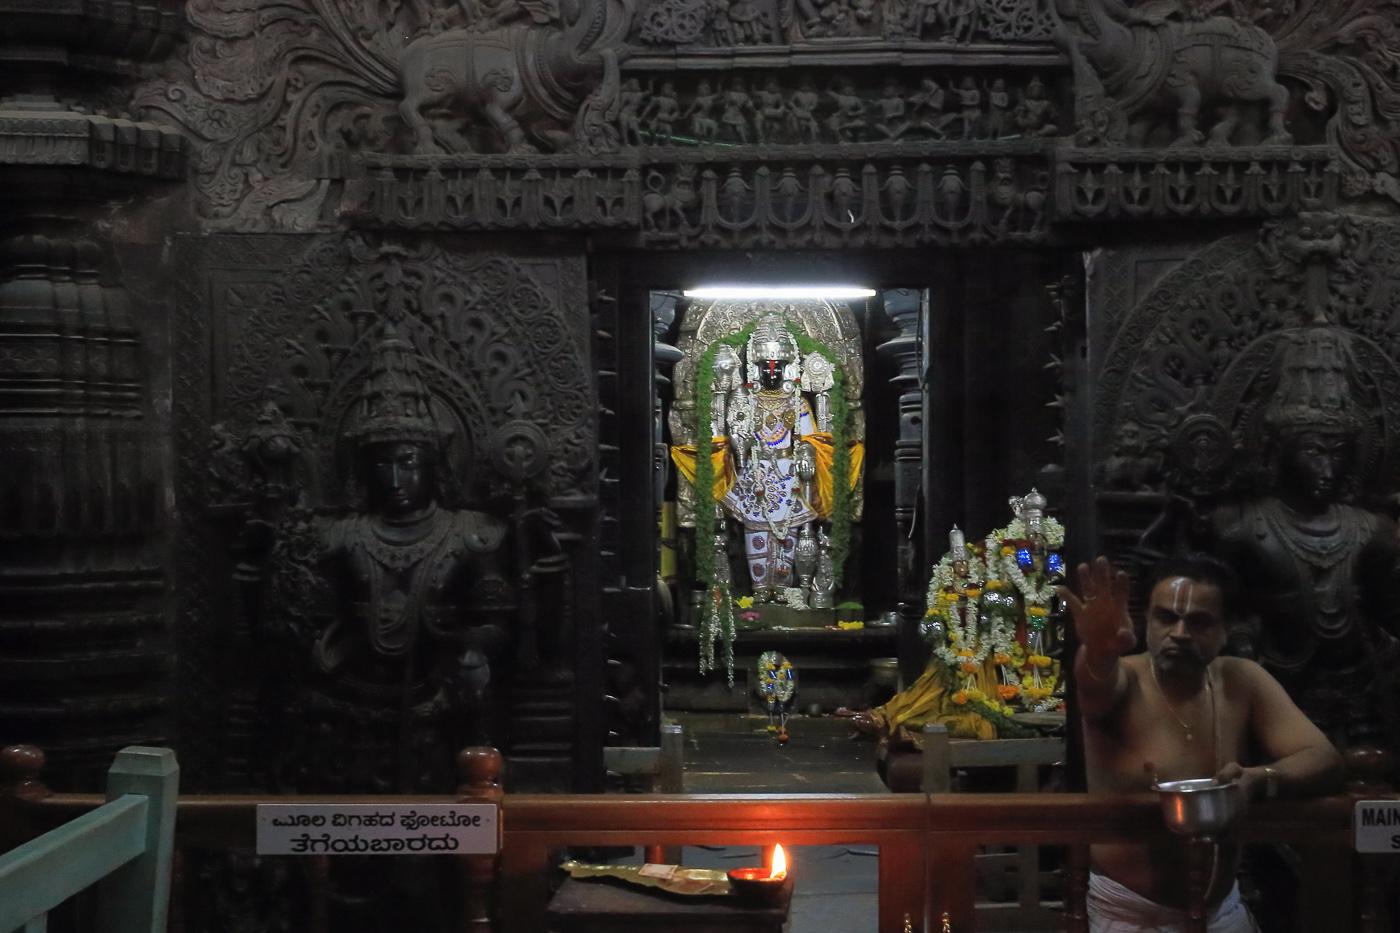 Фотография №19. Храмовый ансамбль Ченнакесава. Алтарь. 1/15, -1 eV, f 10, 40 mm, ISO 12800.